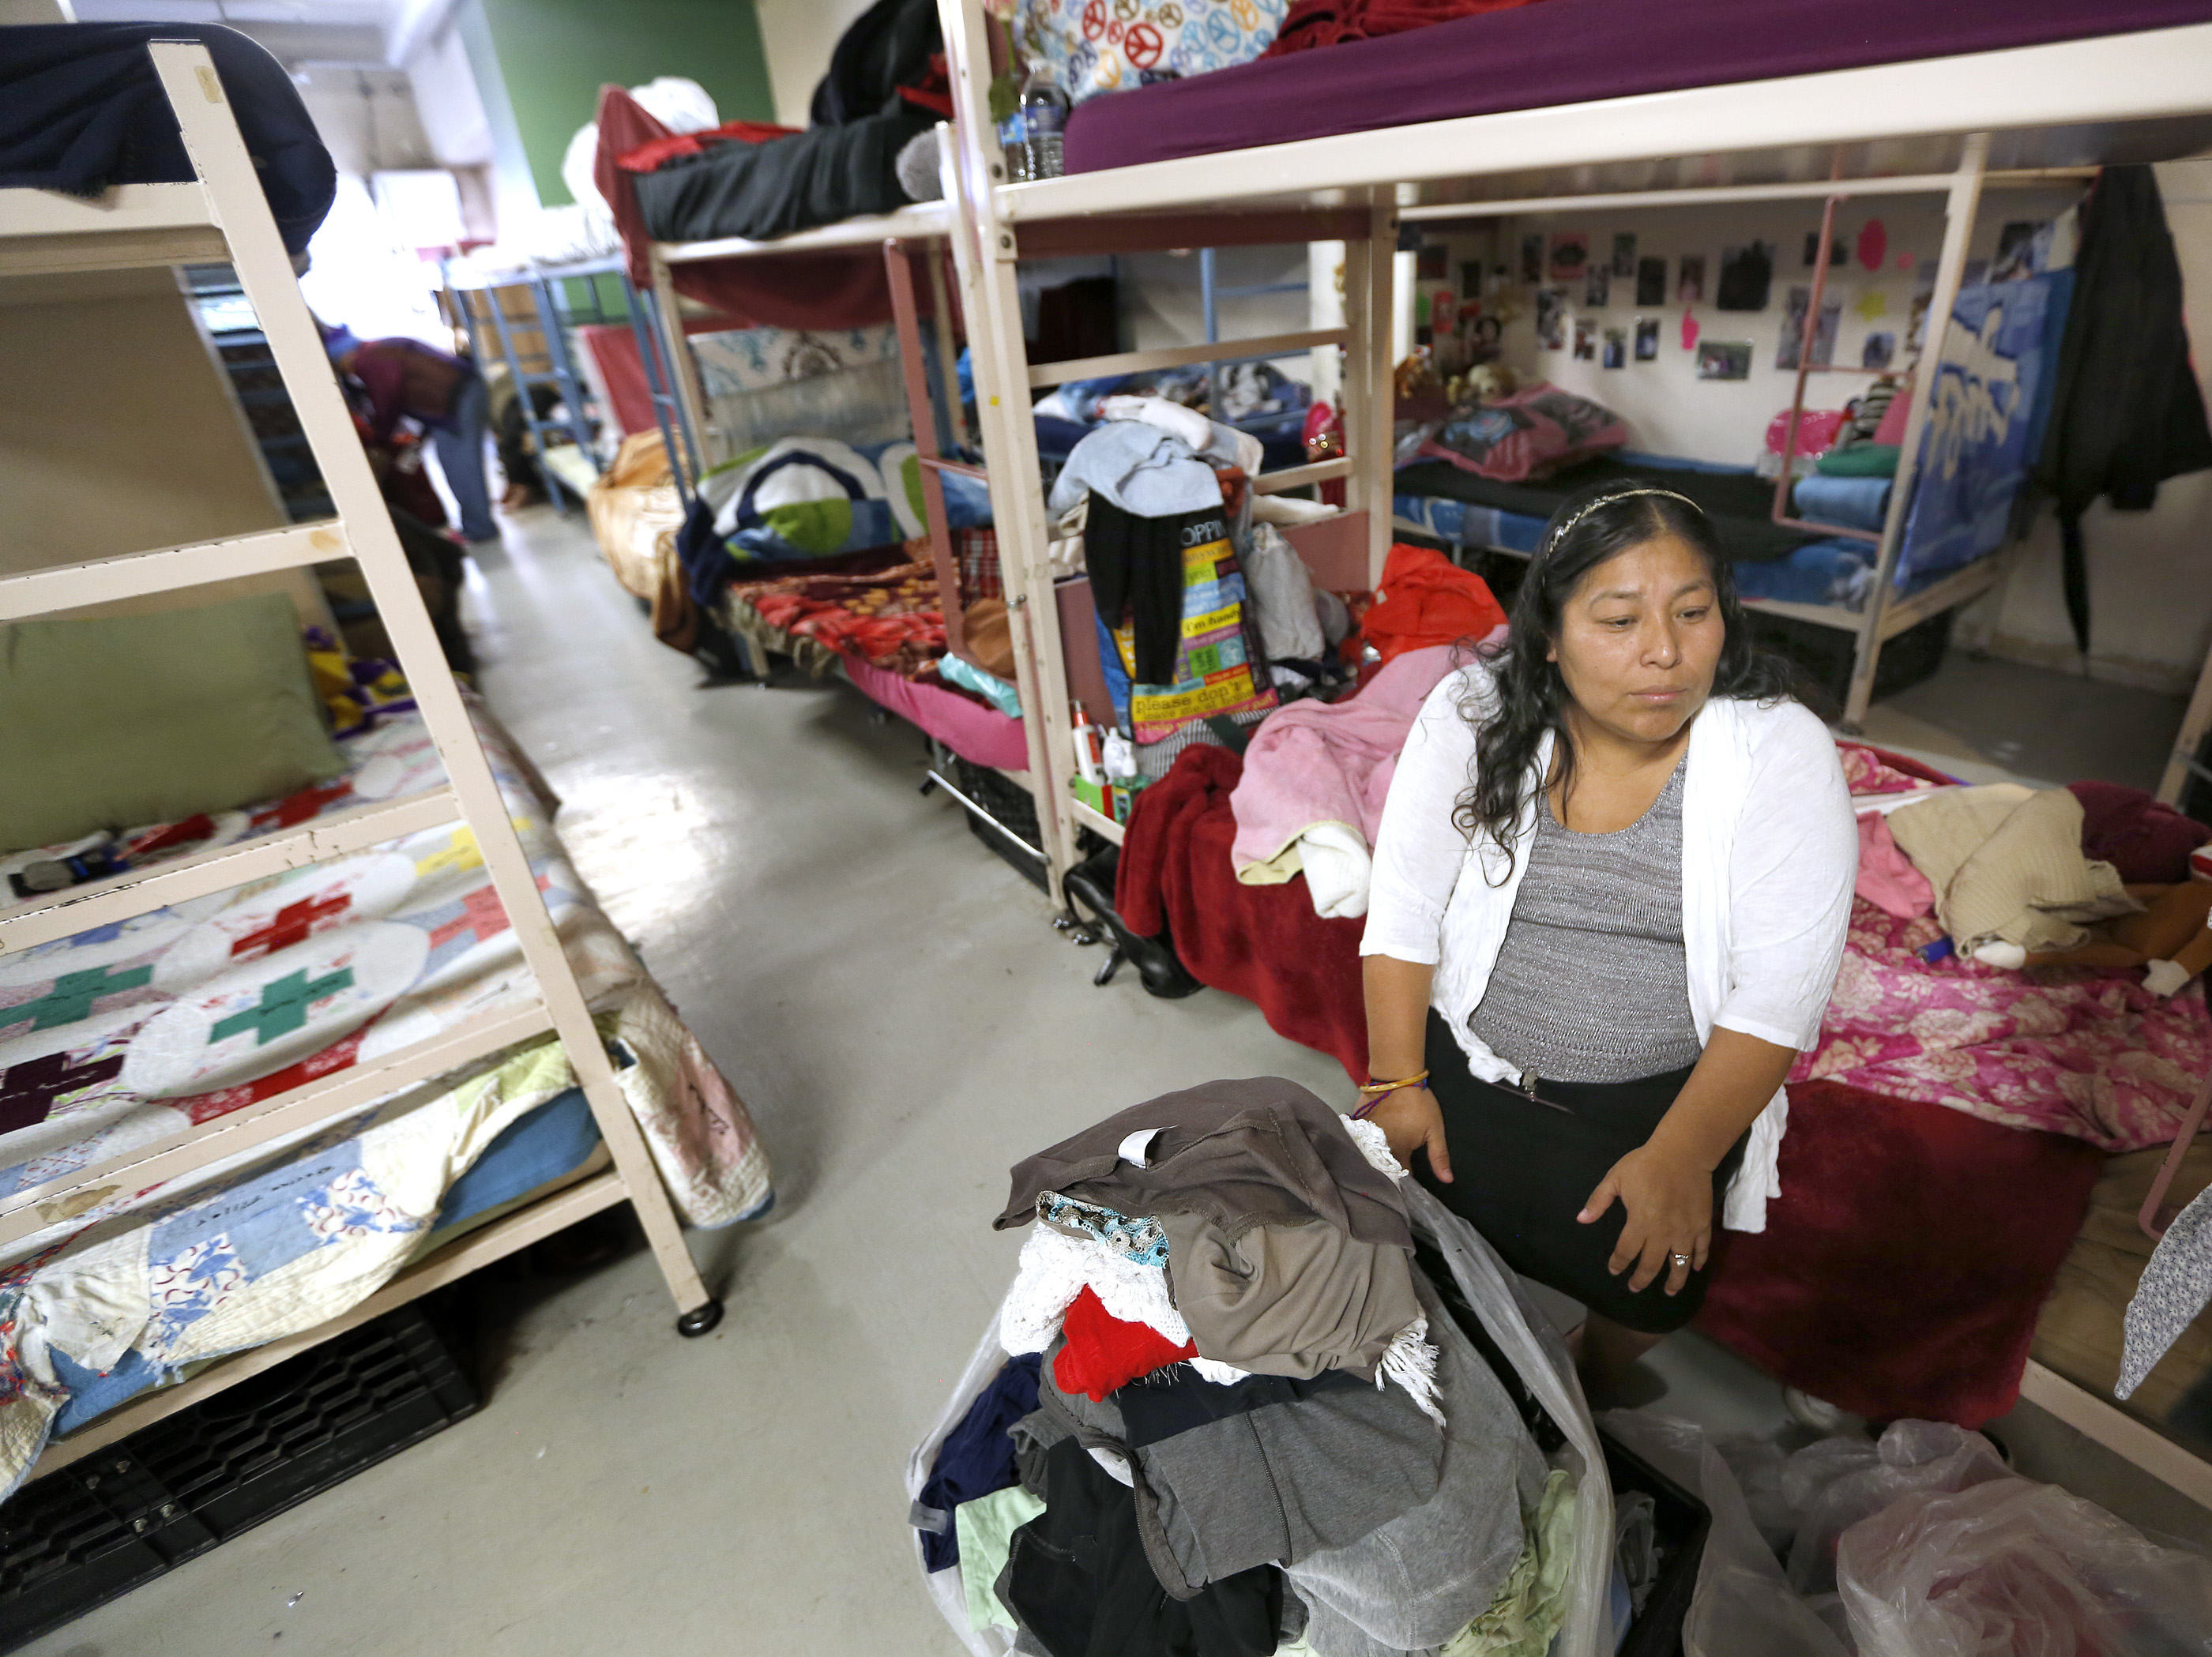 Union Rescue Mission alberga casi al doble de personas sin hogar al día que hace un año, hasta 1,300 (Foto: Aurelia Ventura/La Opinión)